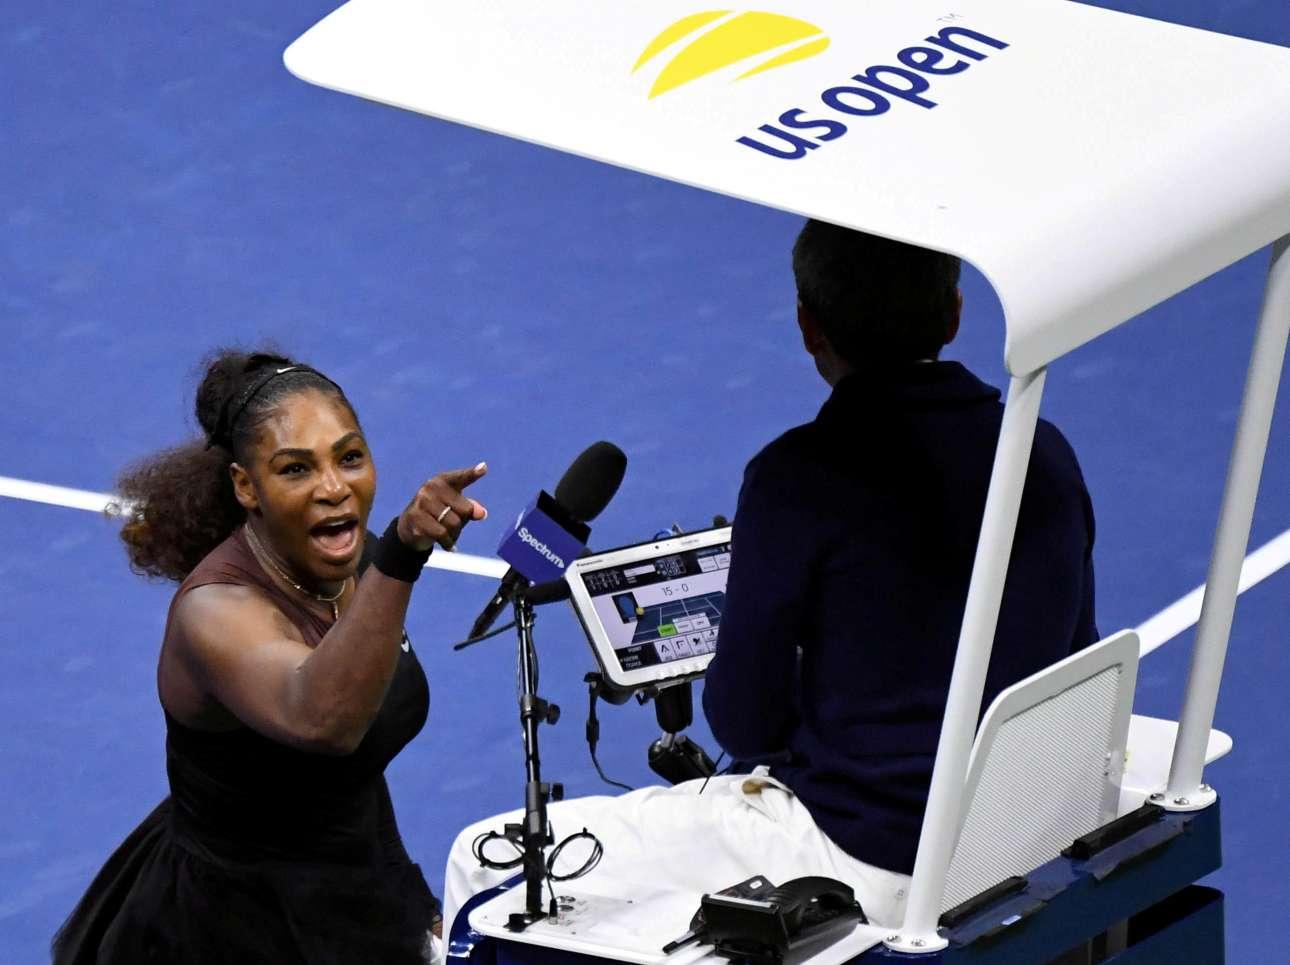 8 Σεπτεμβρίου. Η τενίστρια Σερένα Γουίλιαμς ξεσπάει και επιτίθεται φραστικά στον διατητή Κάρλος Ράμος έπειτα από παρατήρησή του, στον τελικό του Αμερικανικού Οπεν